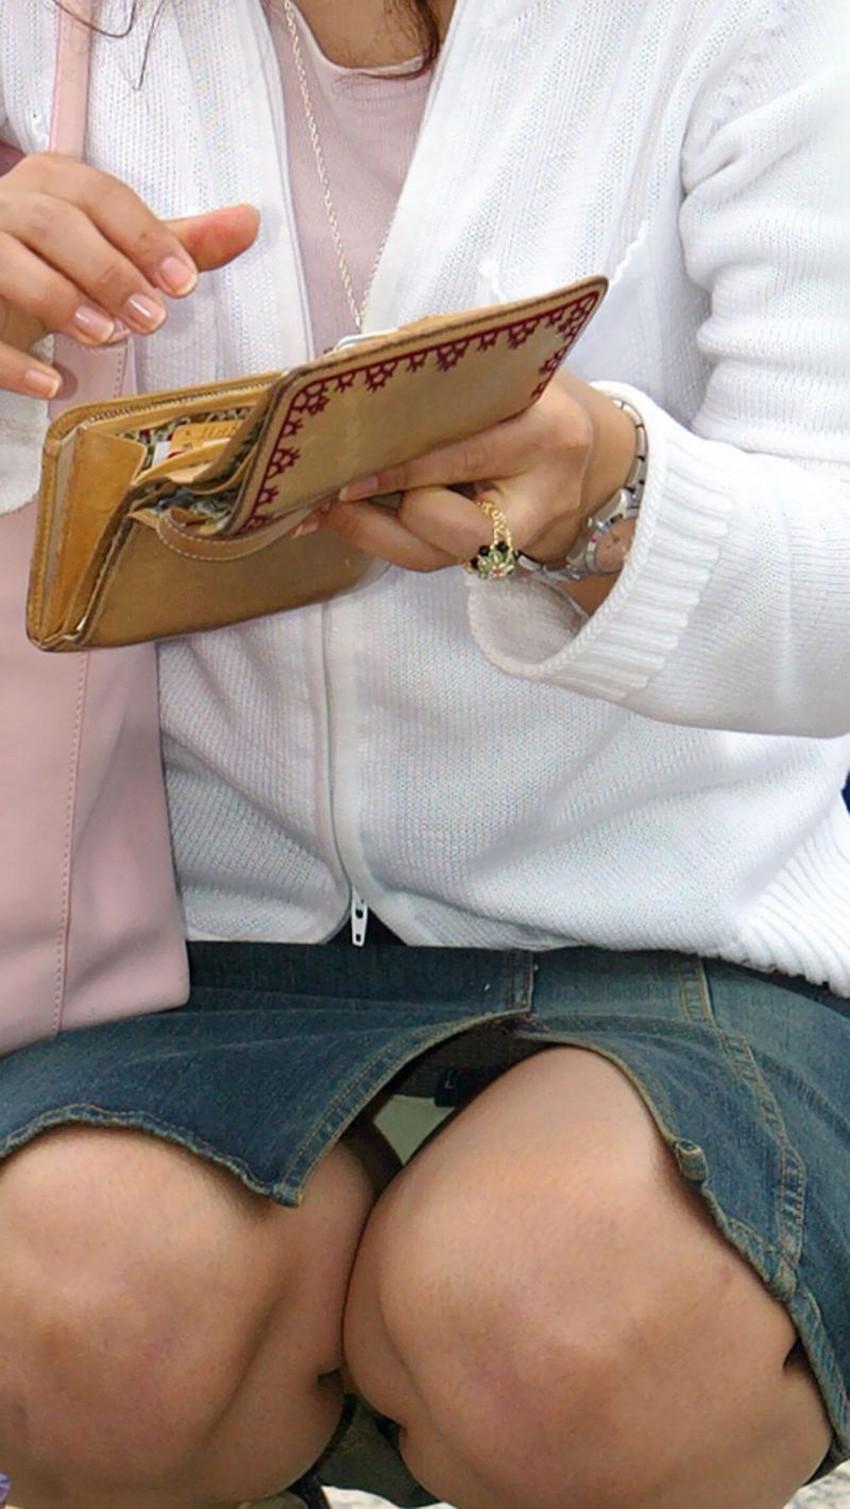 【スリットスカートエロ画像】タイトミニやスリットスカート腰の太ももやパンチラがセクシーすぎるスリットスカートのエロ画像集!ww【80枚】 67